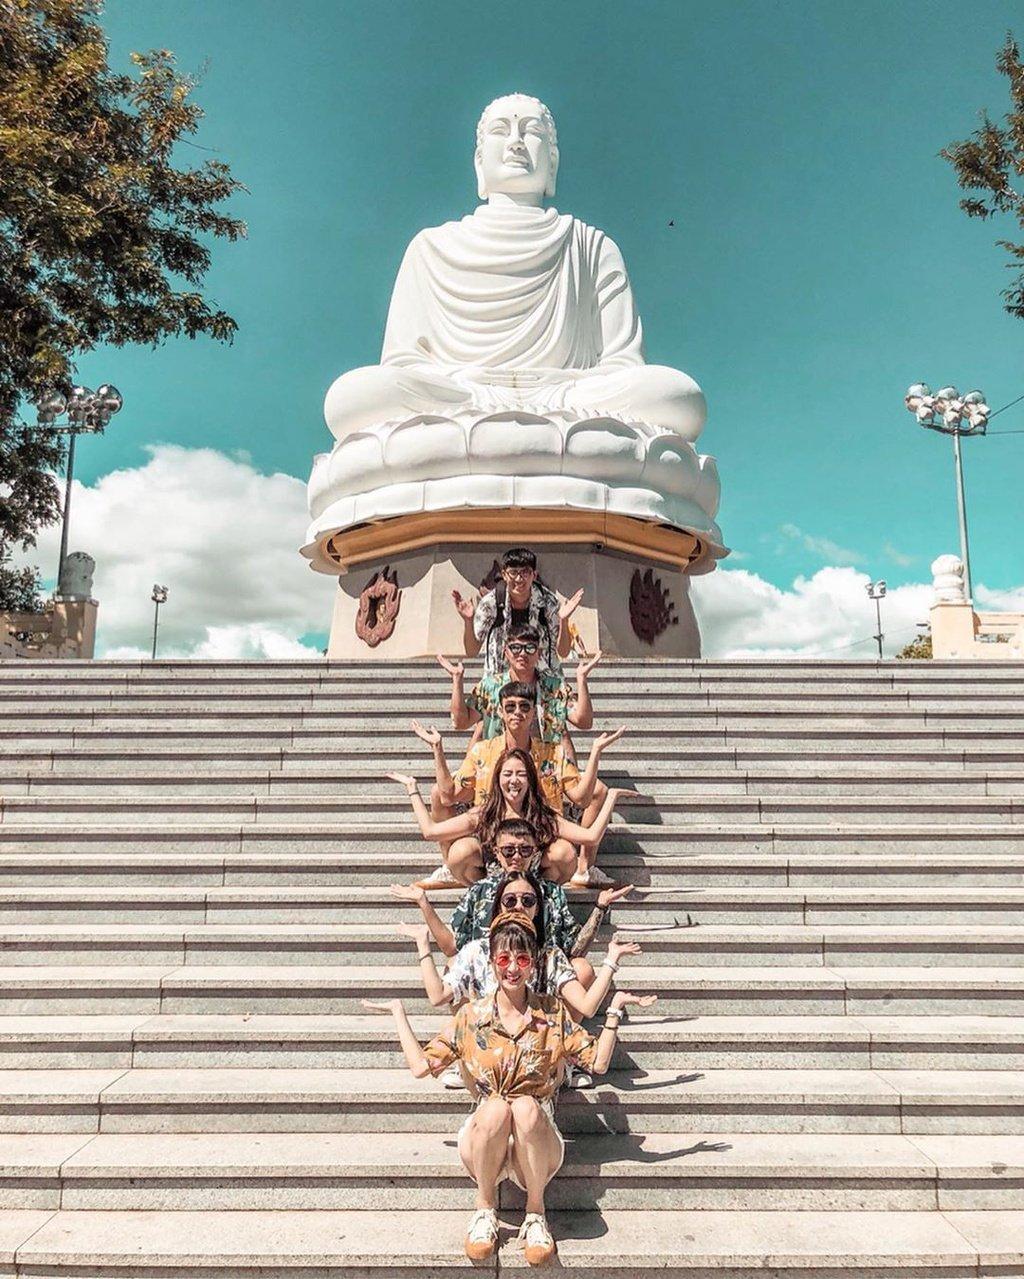 hùa Long Sơn hay còn gọi là Chùa Phật trắng, tọa lạc ở dưới chân núi Trại Thủy, ngay trung tâm thành phố Nha Trang. Chùa được xây dựng cách đây hơn trăm năm, được xem là địa điểm du lịch tâm linh nổi tiếng. Ngôi chùa Nha Trang này nổi bật với tượng Phật Thích Ca màu trắng, cao 24m, đường kính đài sen rộng 10m, uy nghi trong tư thế tọa thiền giữa bầu trời.